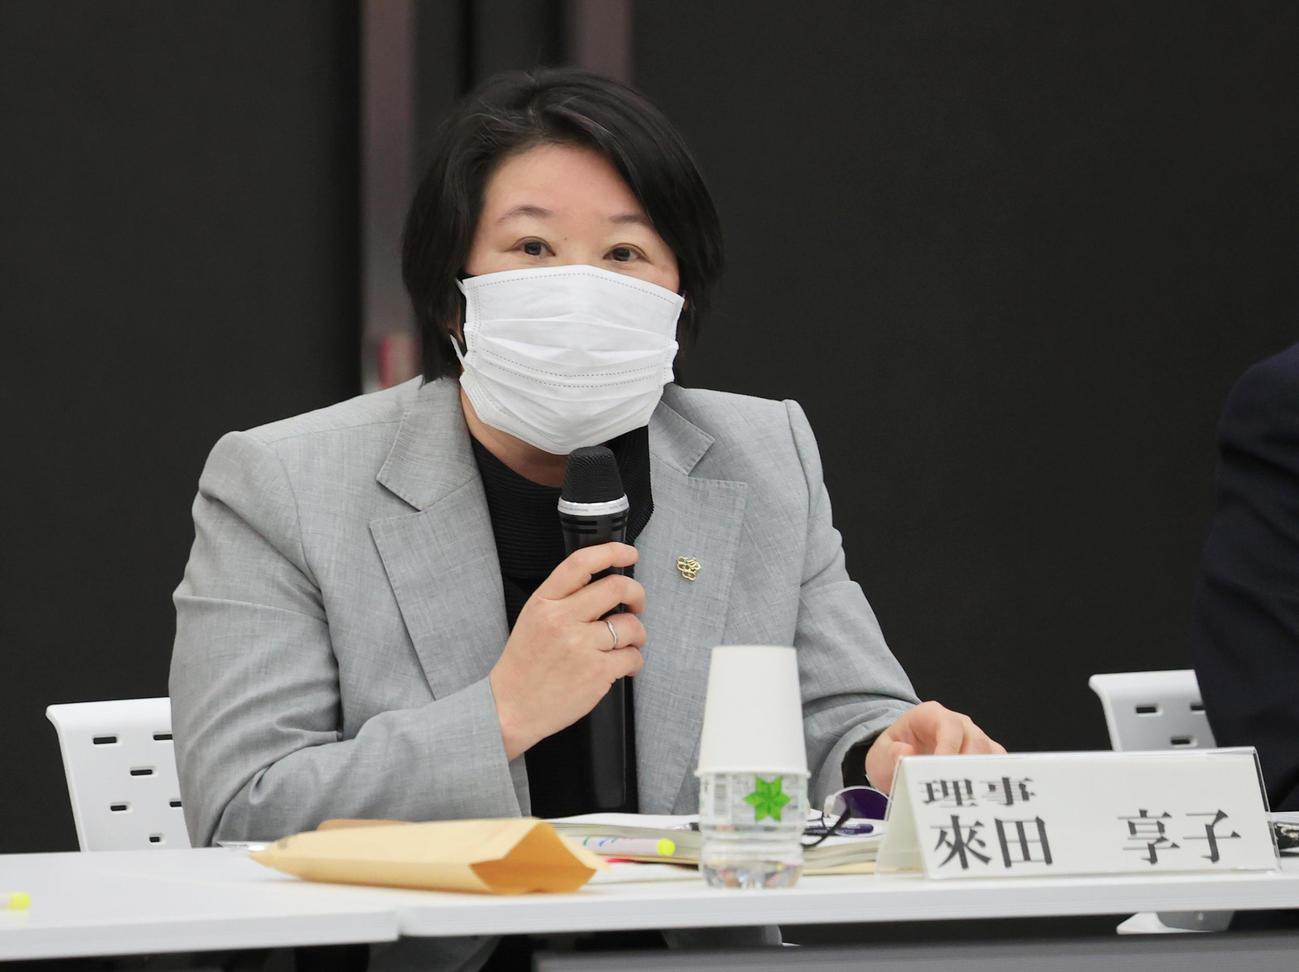 東京五輪・パラリンピック大会組織委員会の理事会であいさつする来田理事(代表撮影)